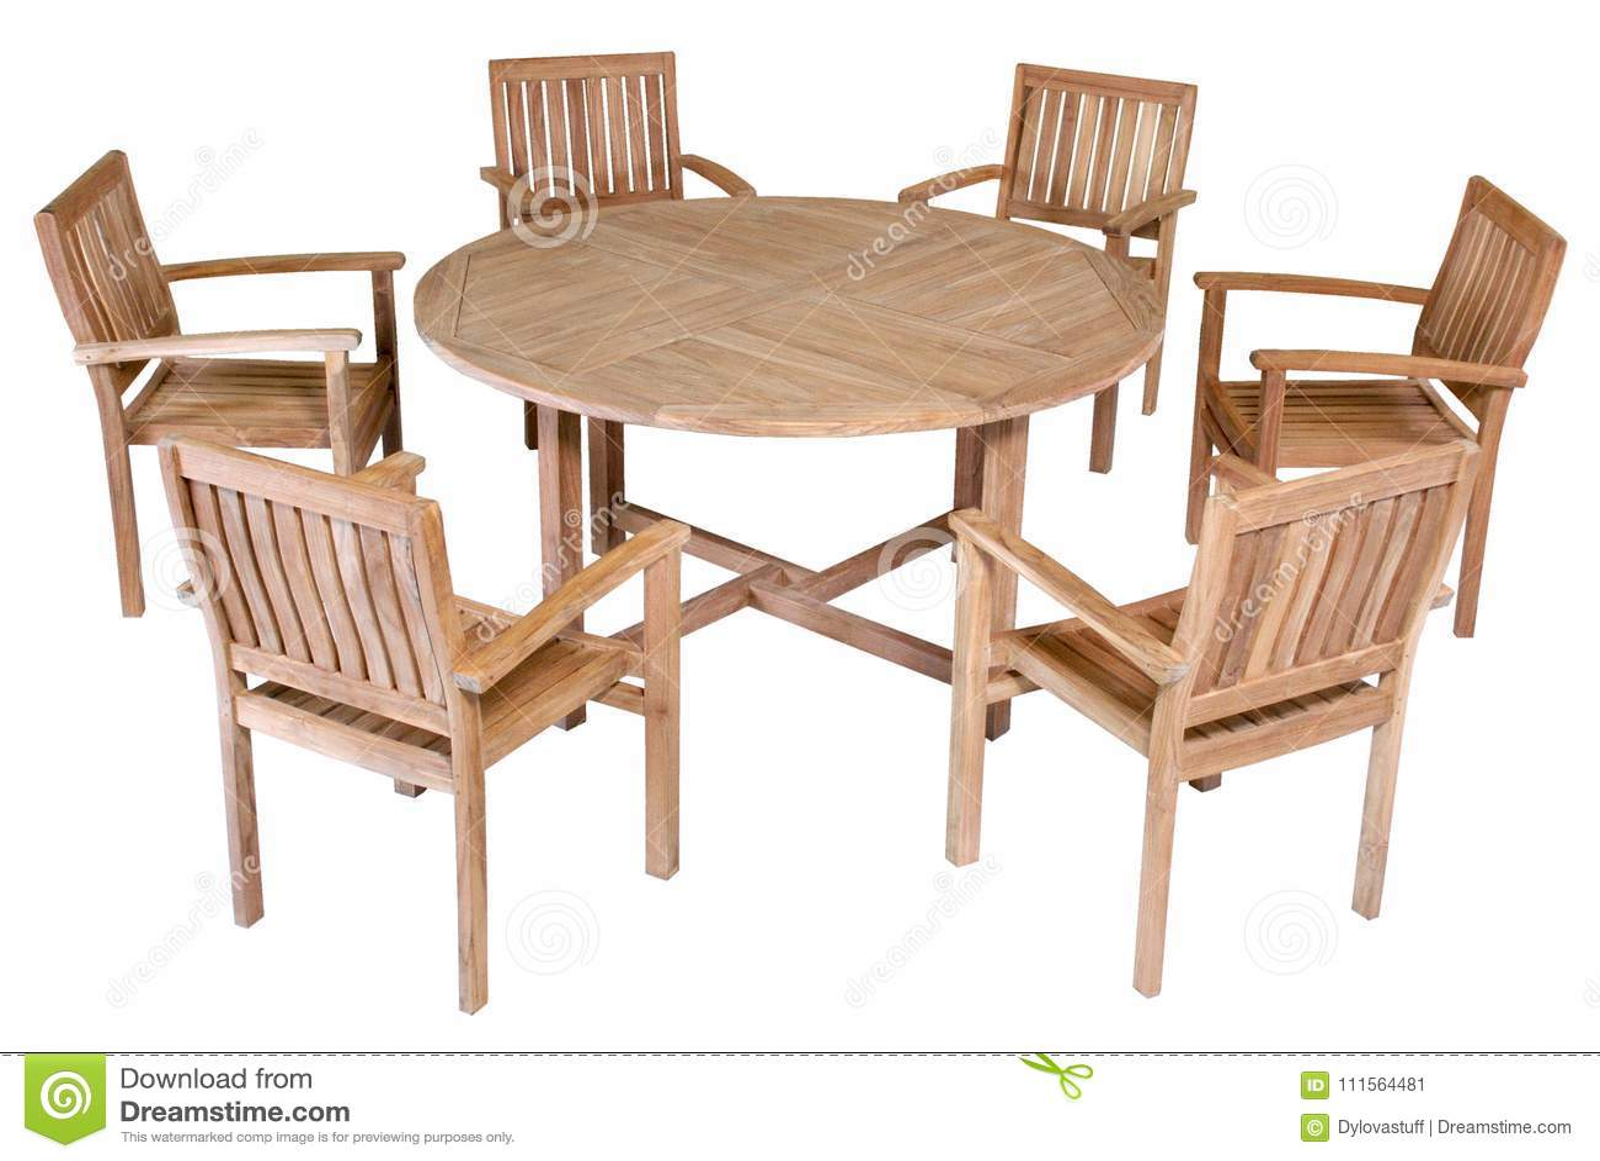 Chair With Round Table Teak Garden Furniture Garden Furniture Set Stock Image Image Of Armchairs Garden 111564481